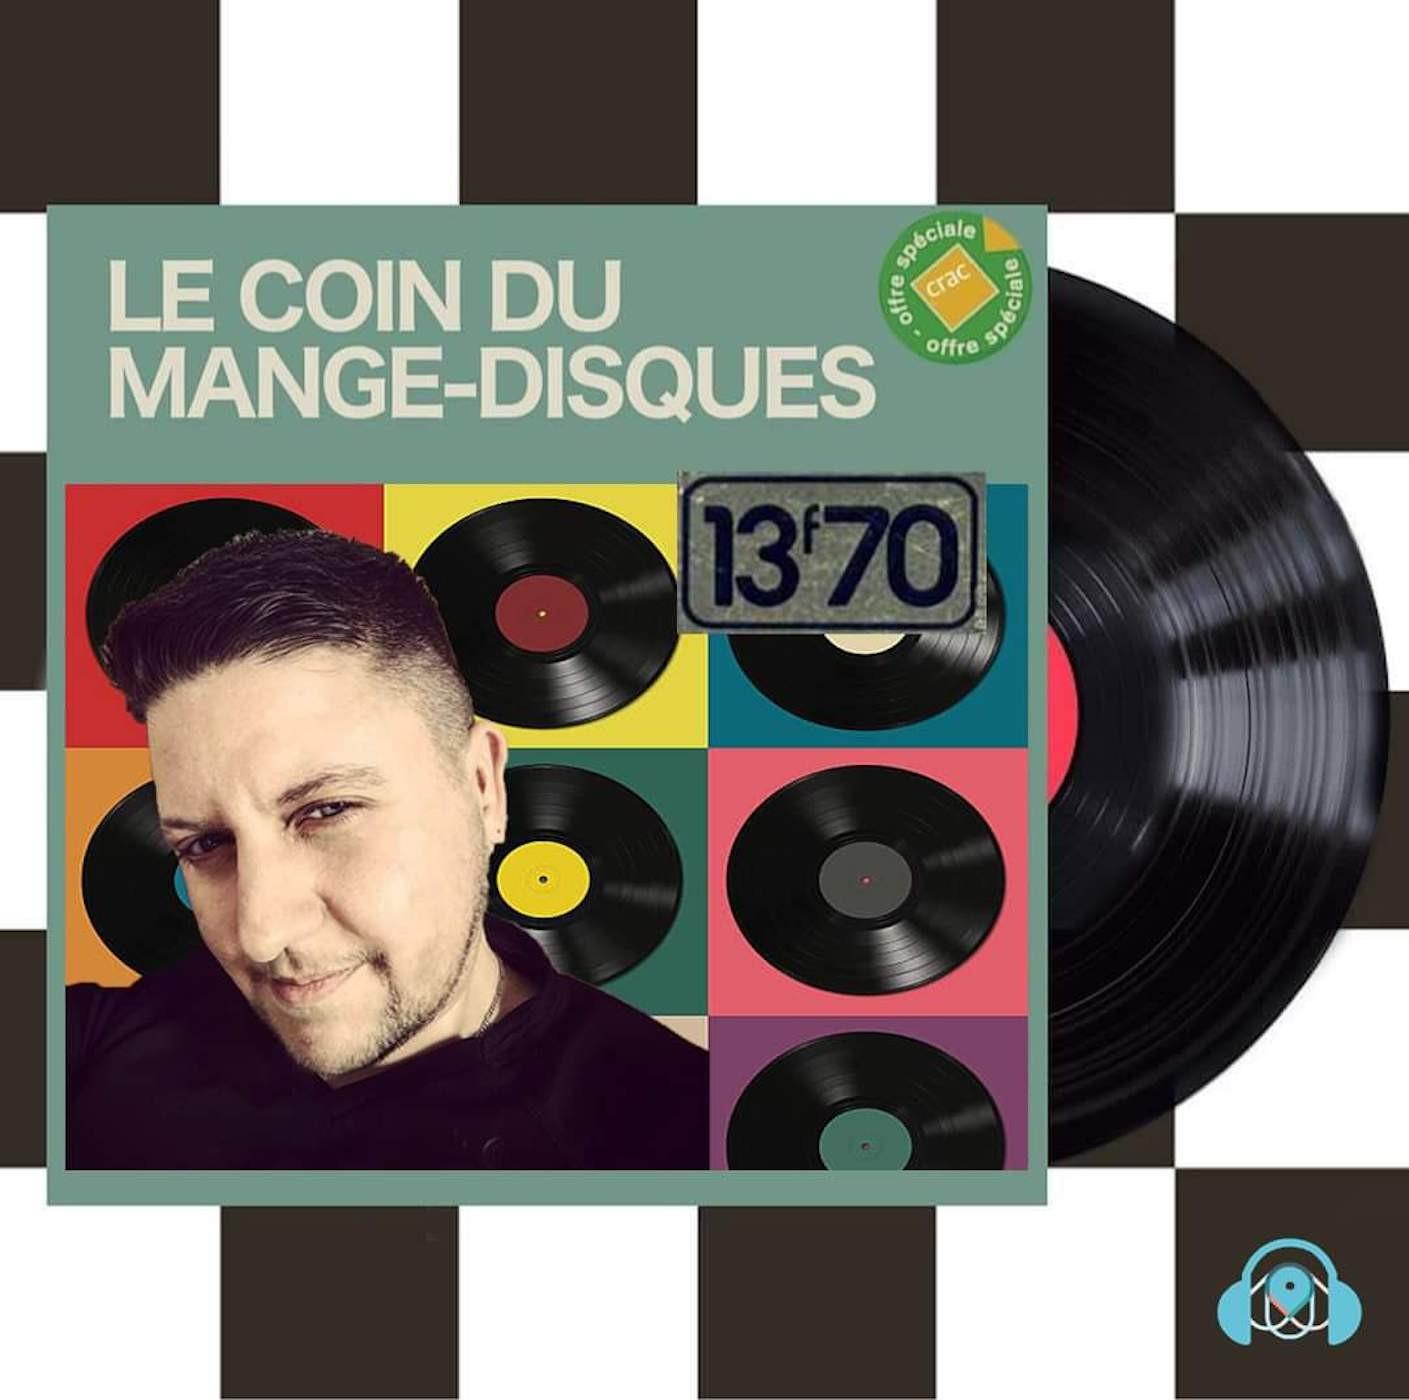 LE COIN DU MANGE-DISQUES